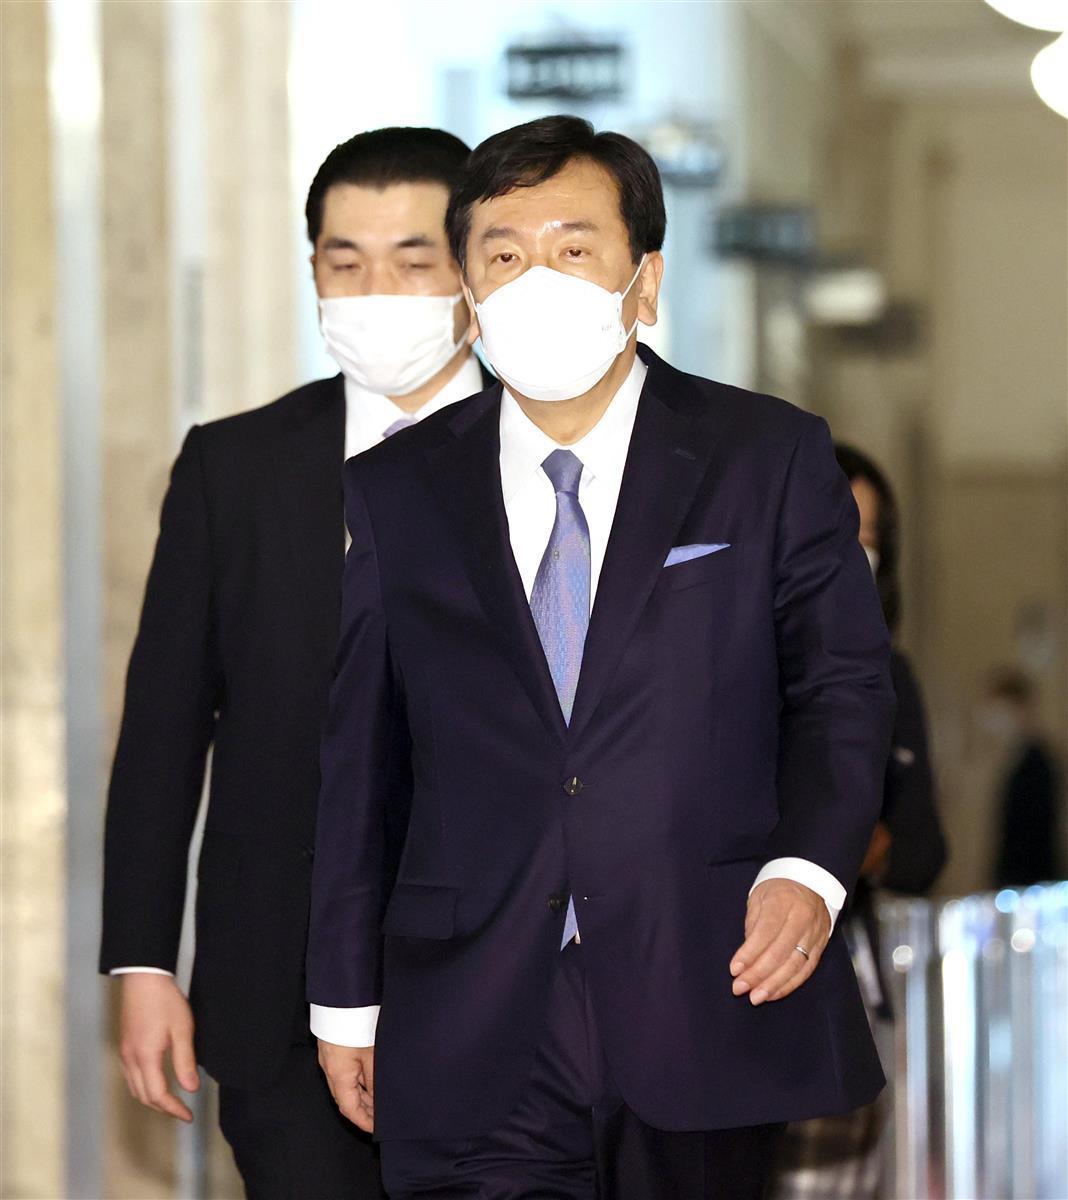 立憲民主党・枝野幸男代表=4月28日午後、国会内(春名中撮影)